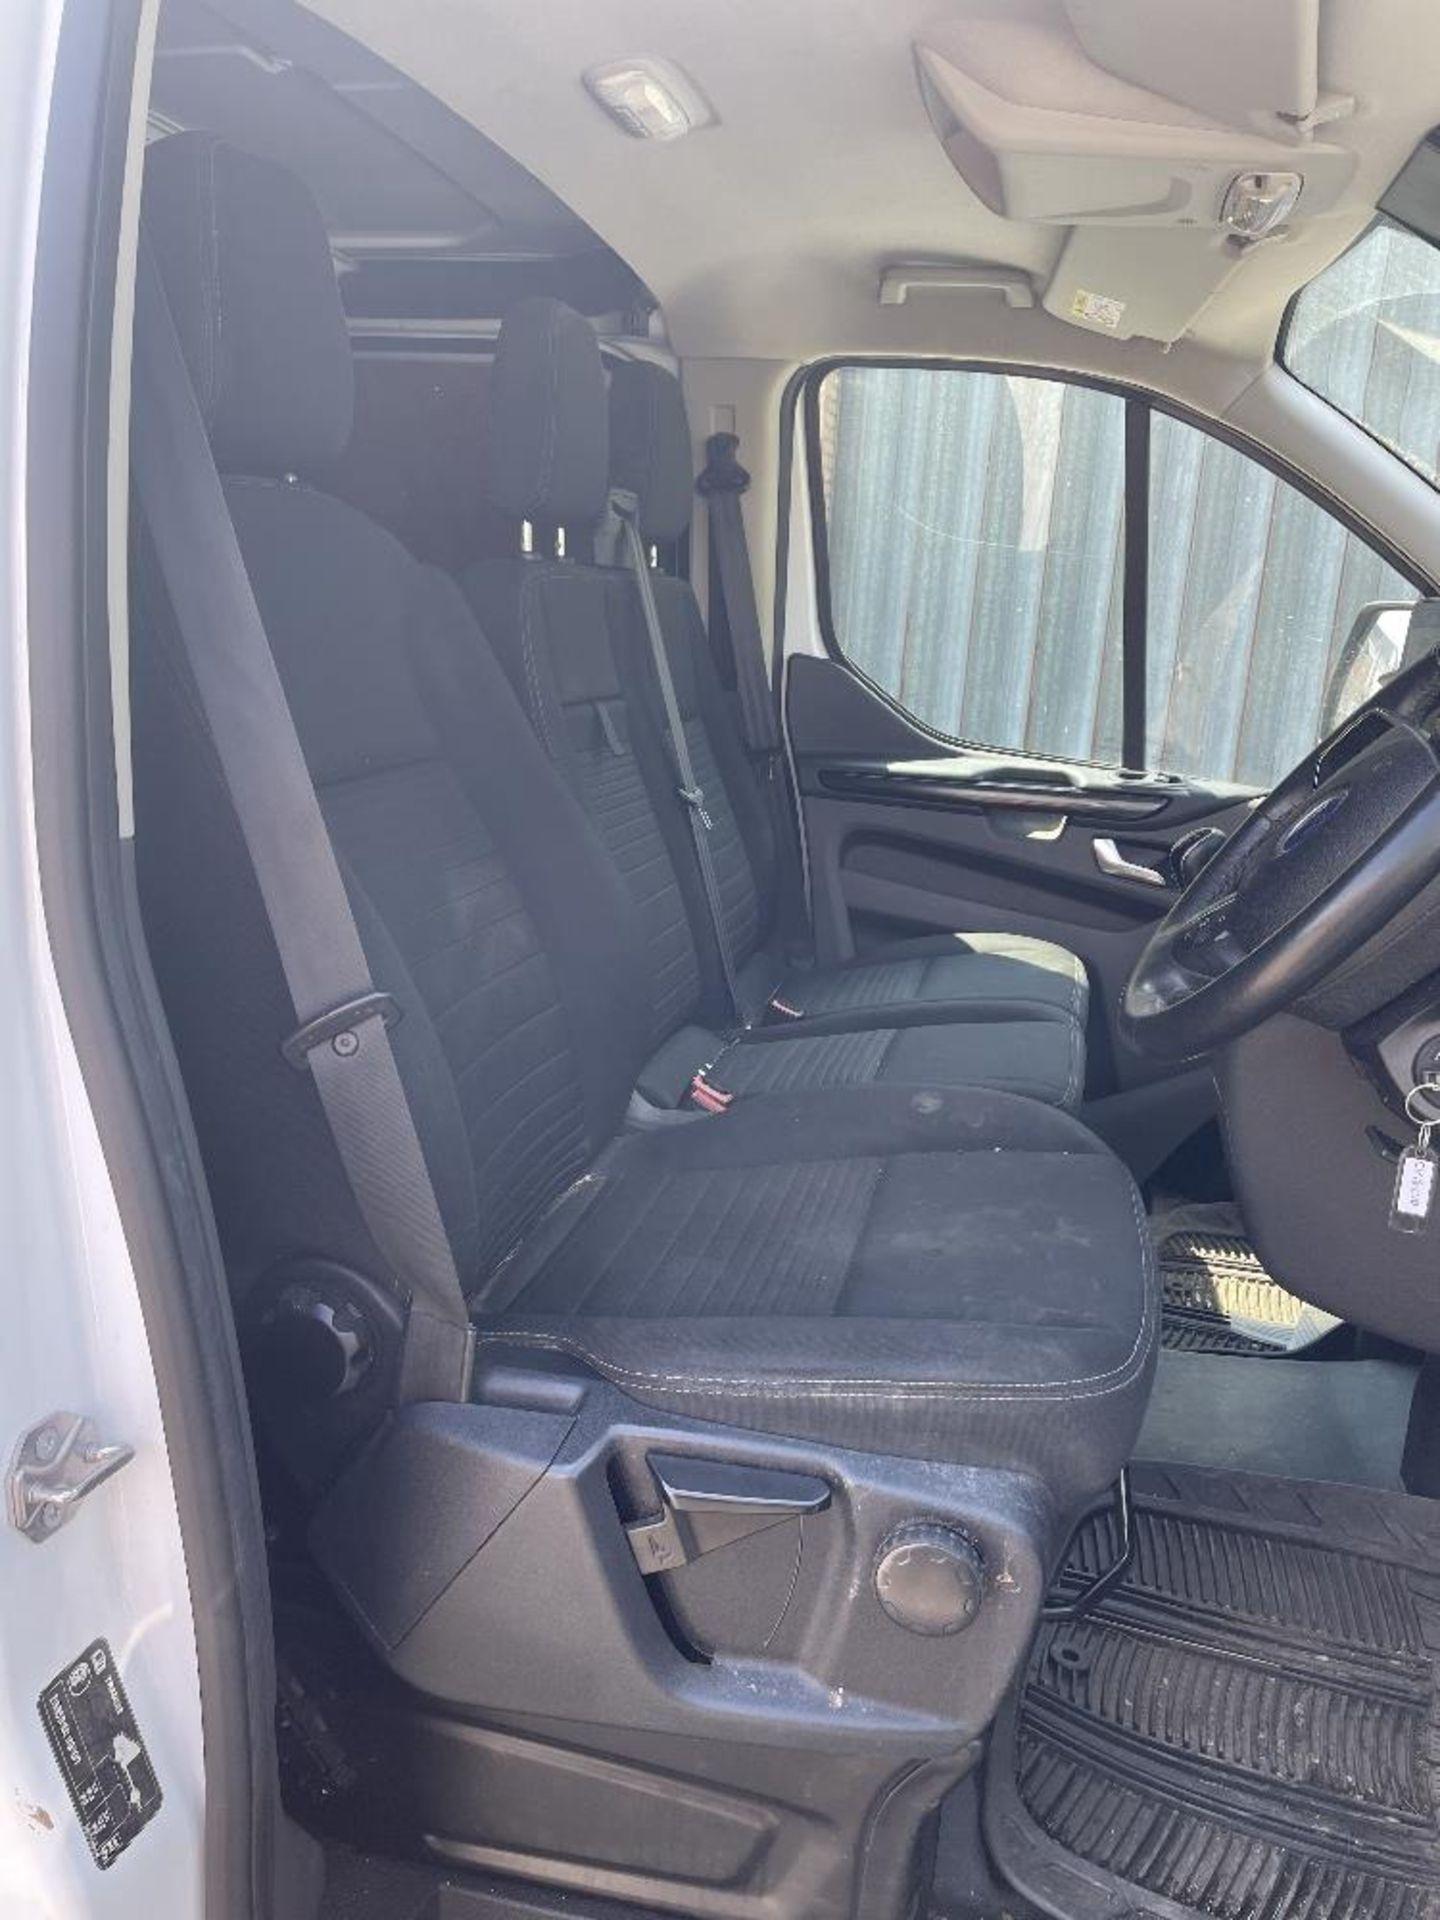 Ford Transit Custom 300 Limite Diesel Panel Van | 18 Plate | 35,672 Miles - Image 10 of 15